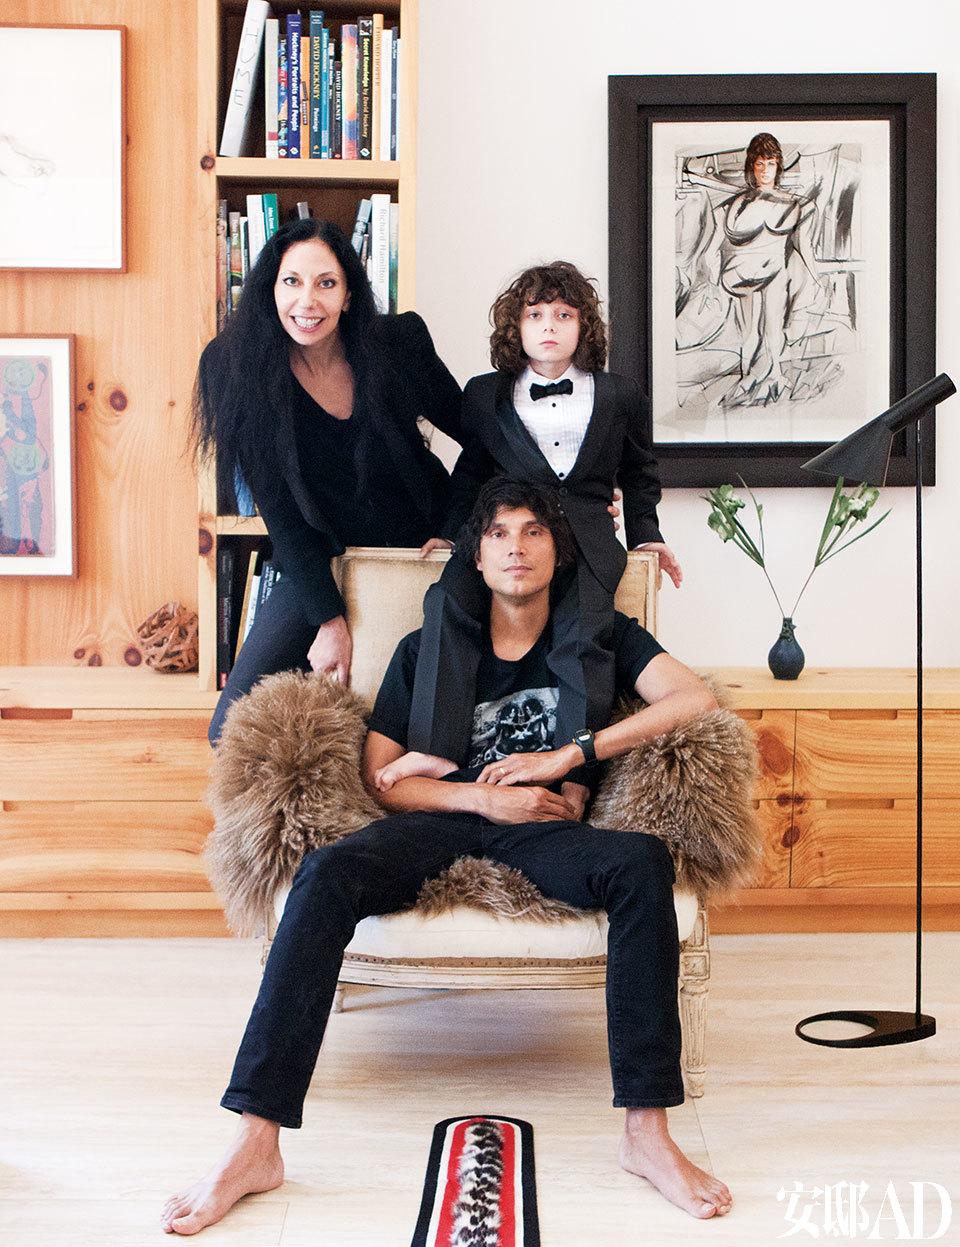 主人的全家福肖像。原木作底,艺术点睛,当今最炙手可热的时尚摄影师Inez van Lamsweerde和Vinoodh Matadin在纽约的家就这样脱颖而出,既实用又富有诗意,轻松超越了那些千篇一律的Loft公寓。